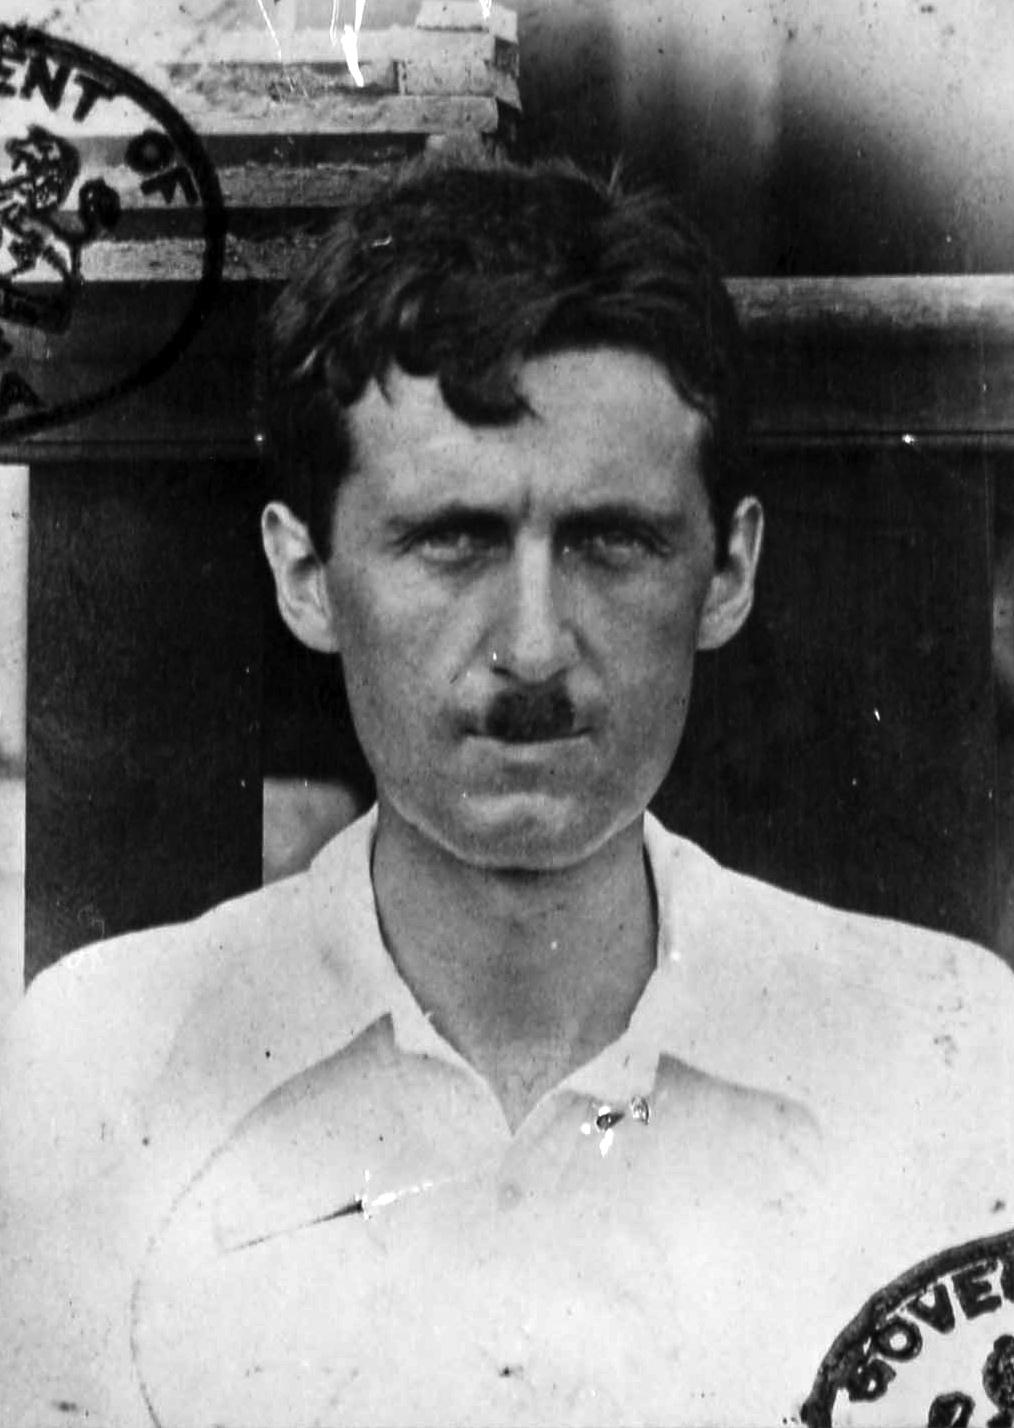 Wikipedia-George Orwell burmai útlevélképe, ekkor viselt utoljára fogkefebajuszt